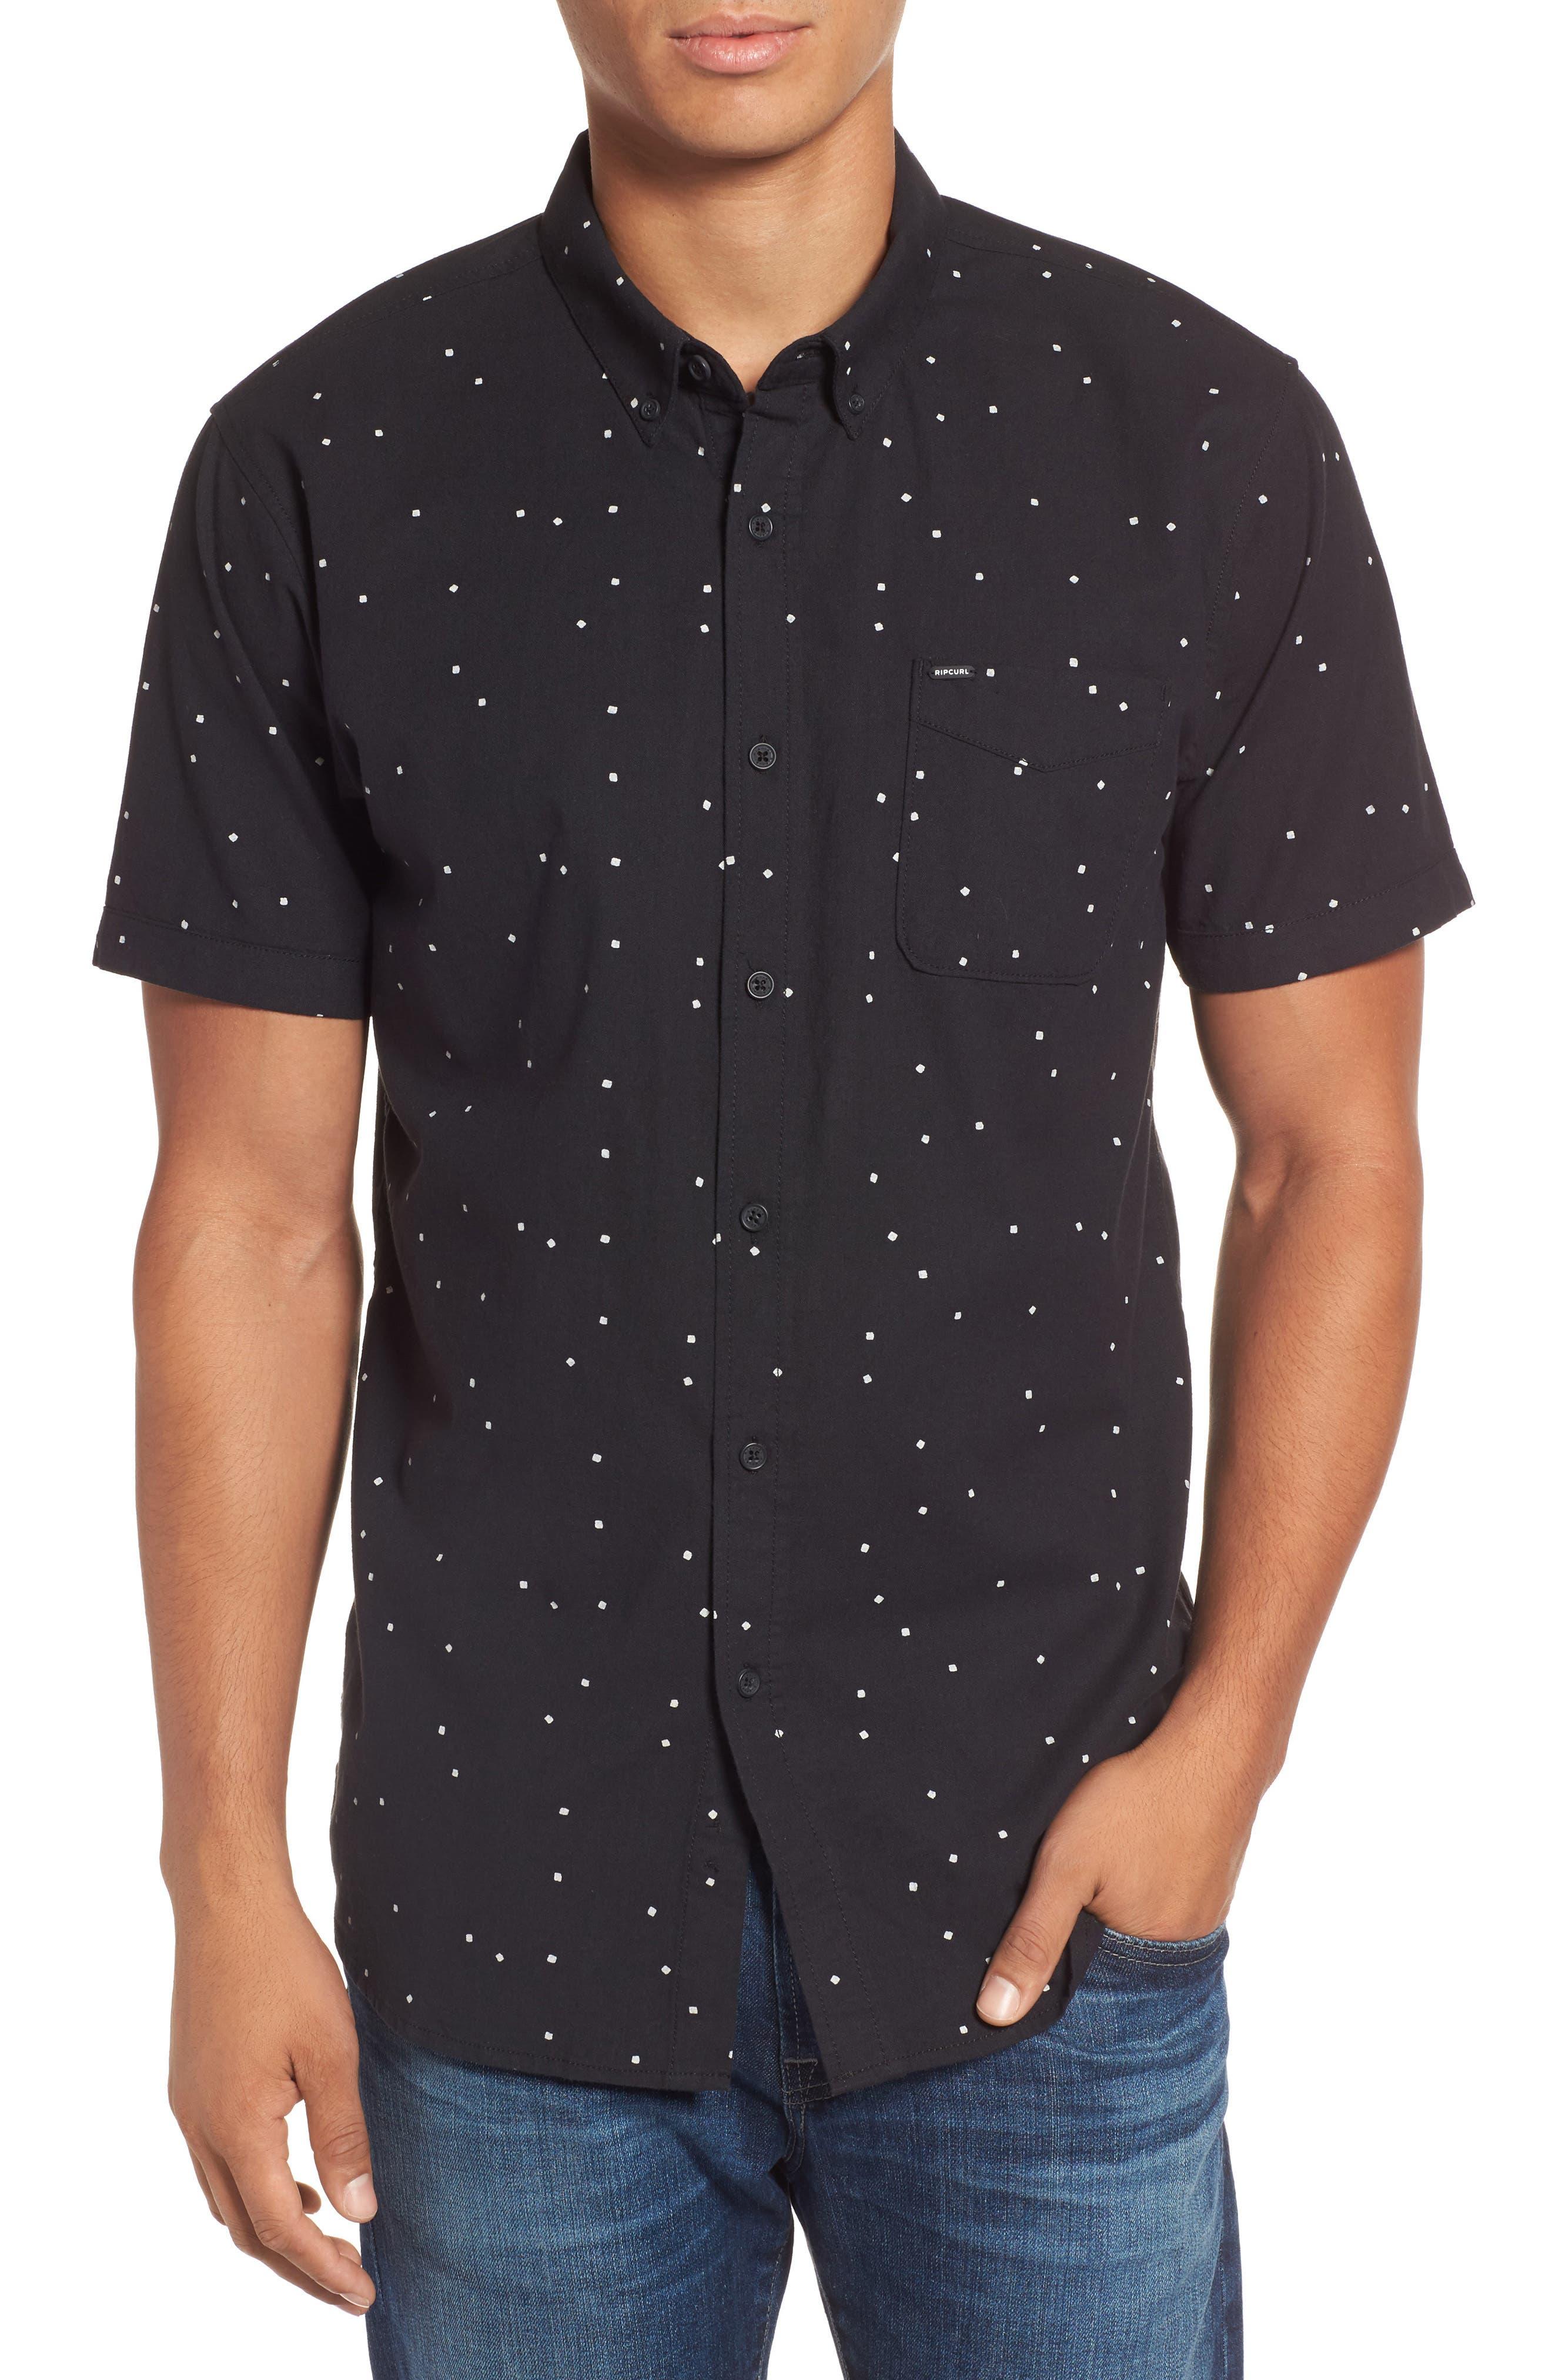 Mixter Short Sleeve Shirt,                             Main thumbnail 1, color,                             001